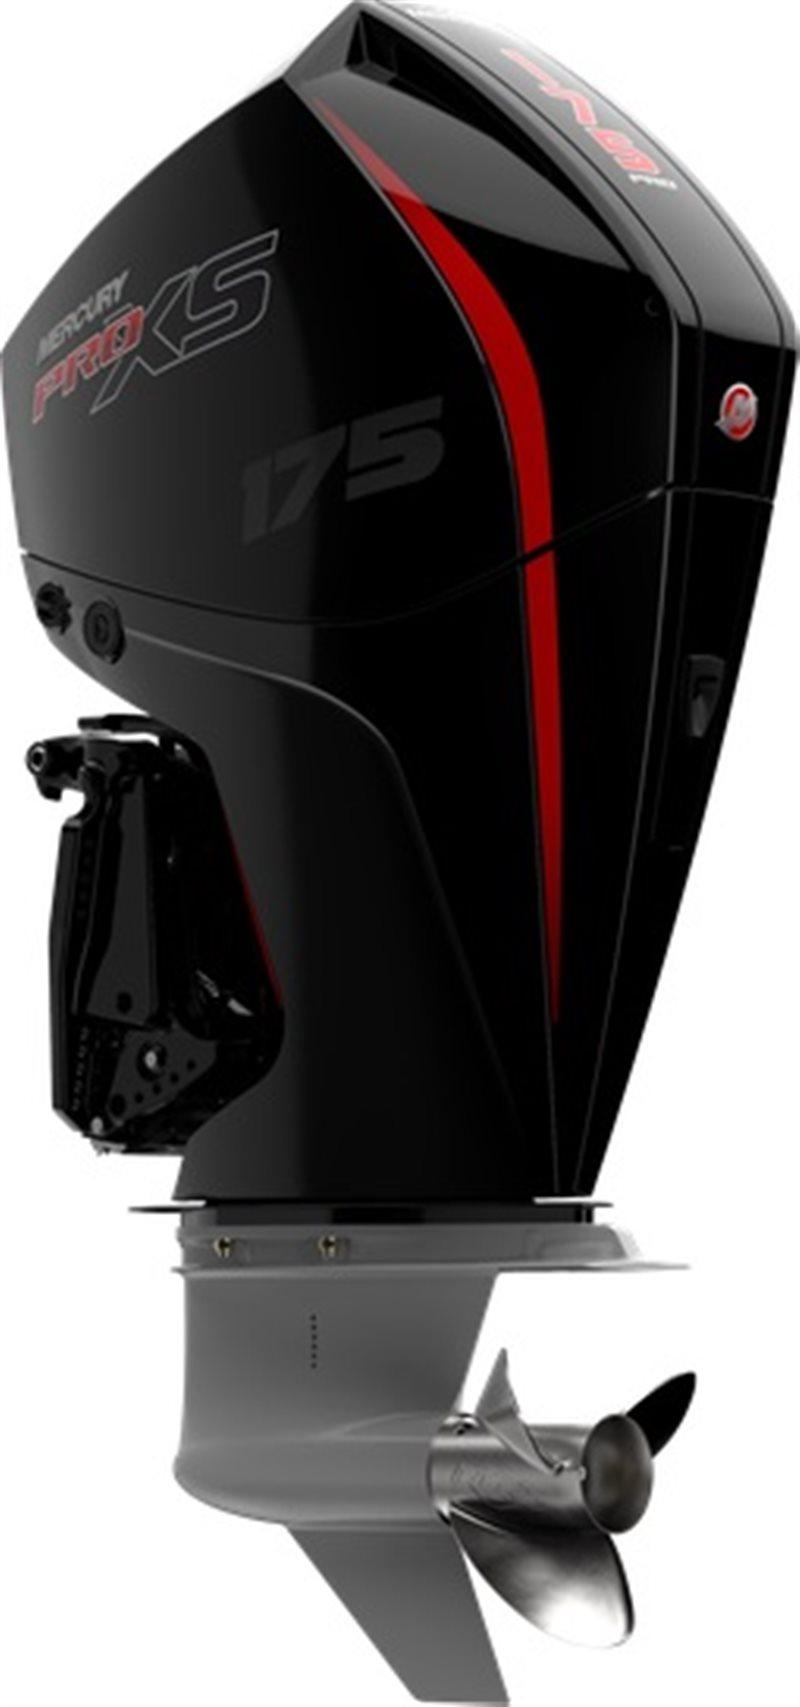 2021 Mercury Outboard Pro XS 175 - 300 Pro XS 175 at Pharo Marine, Waunakee, WI 53597